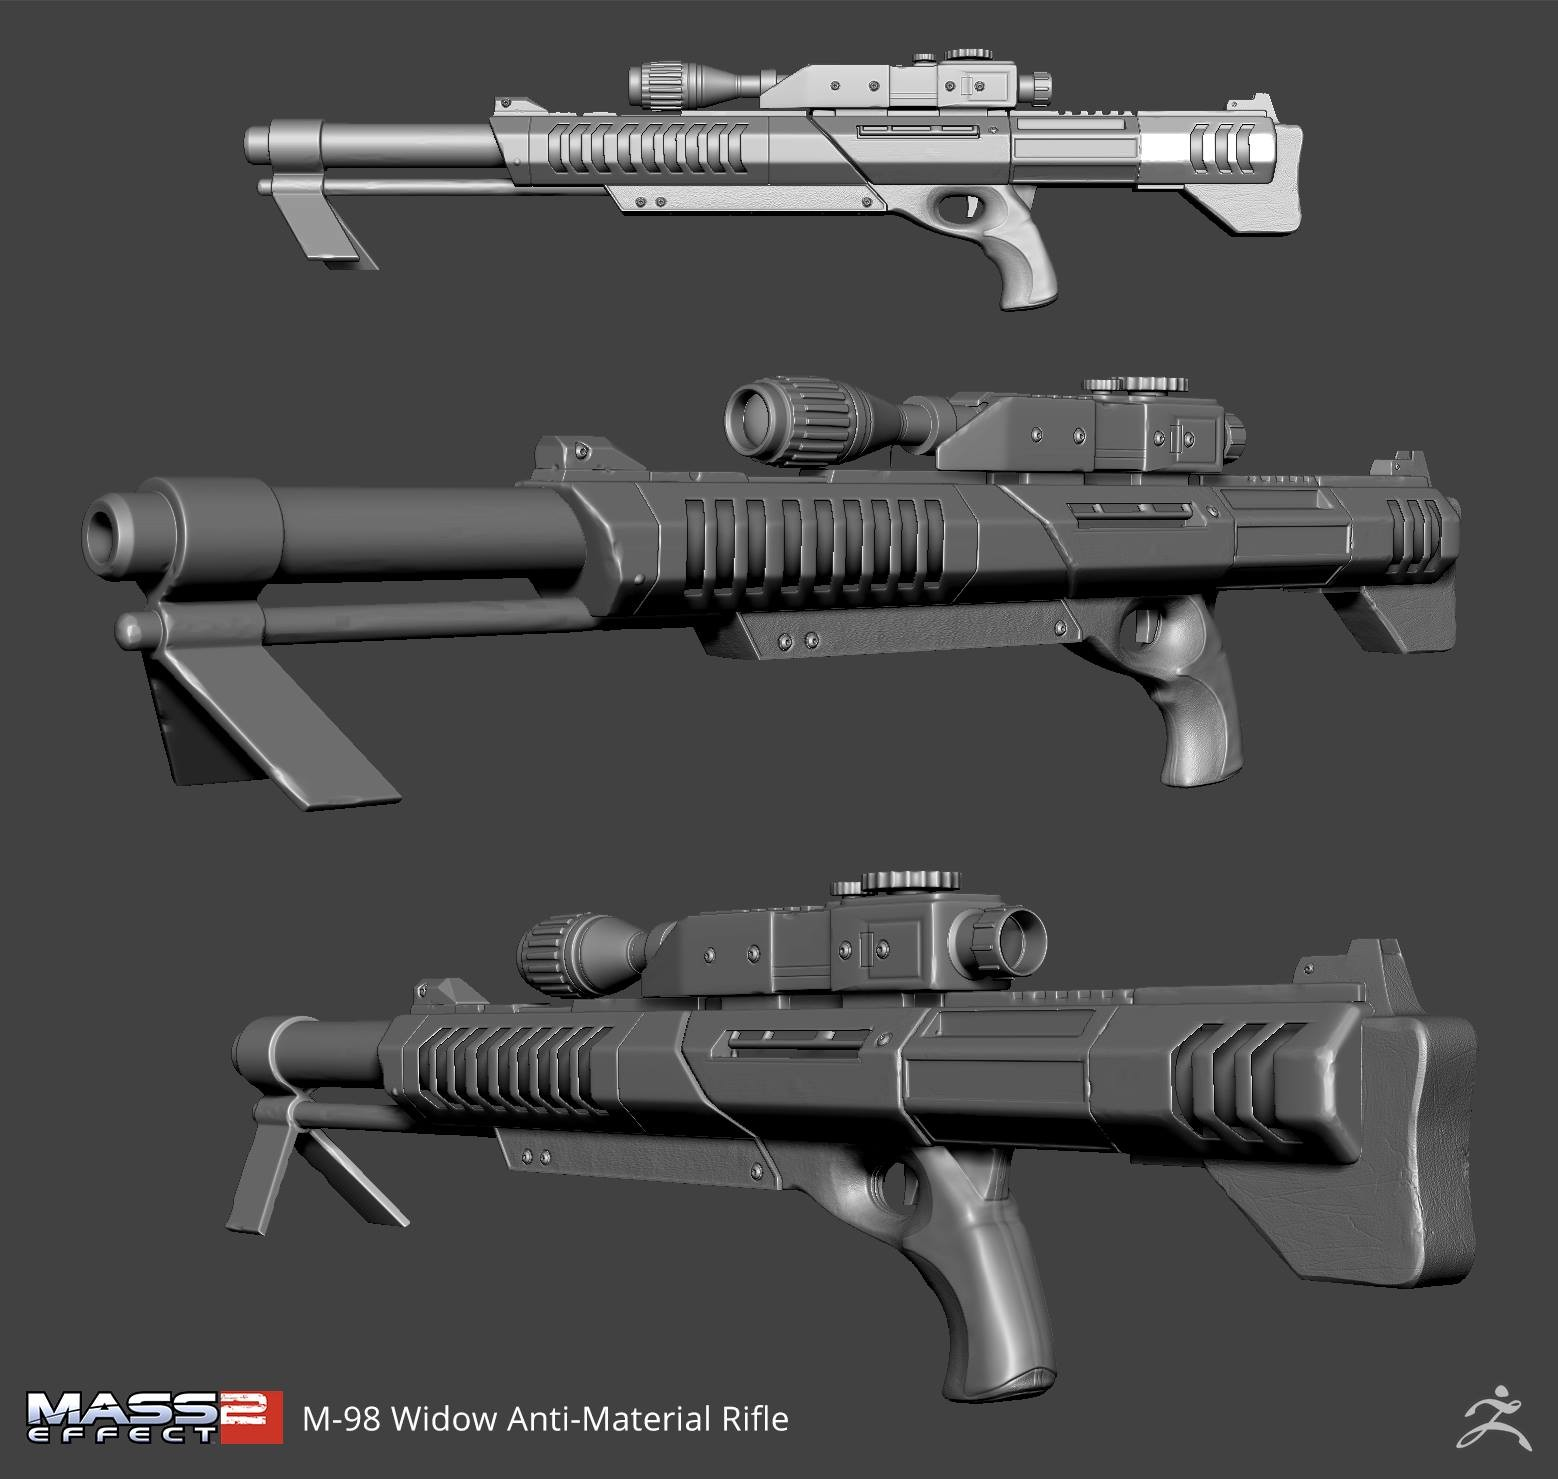 Mass Effect M97 Rifle